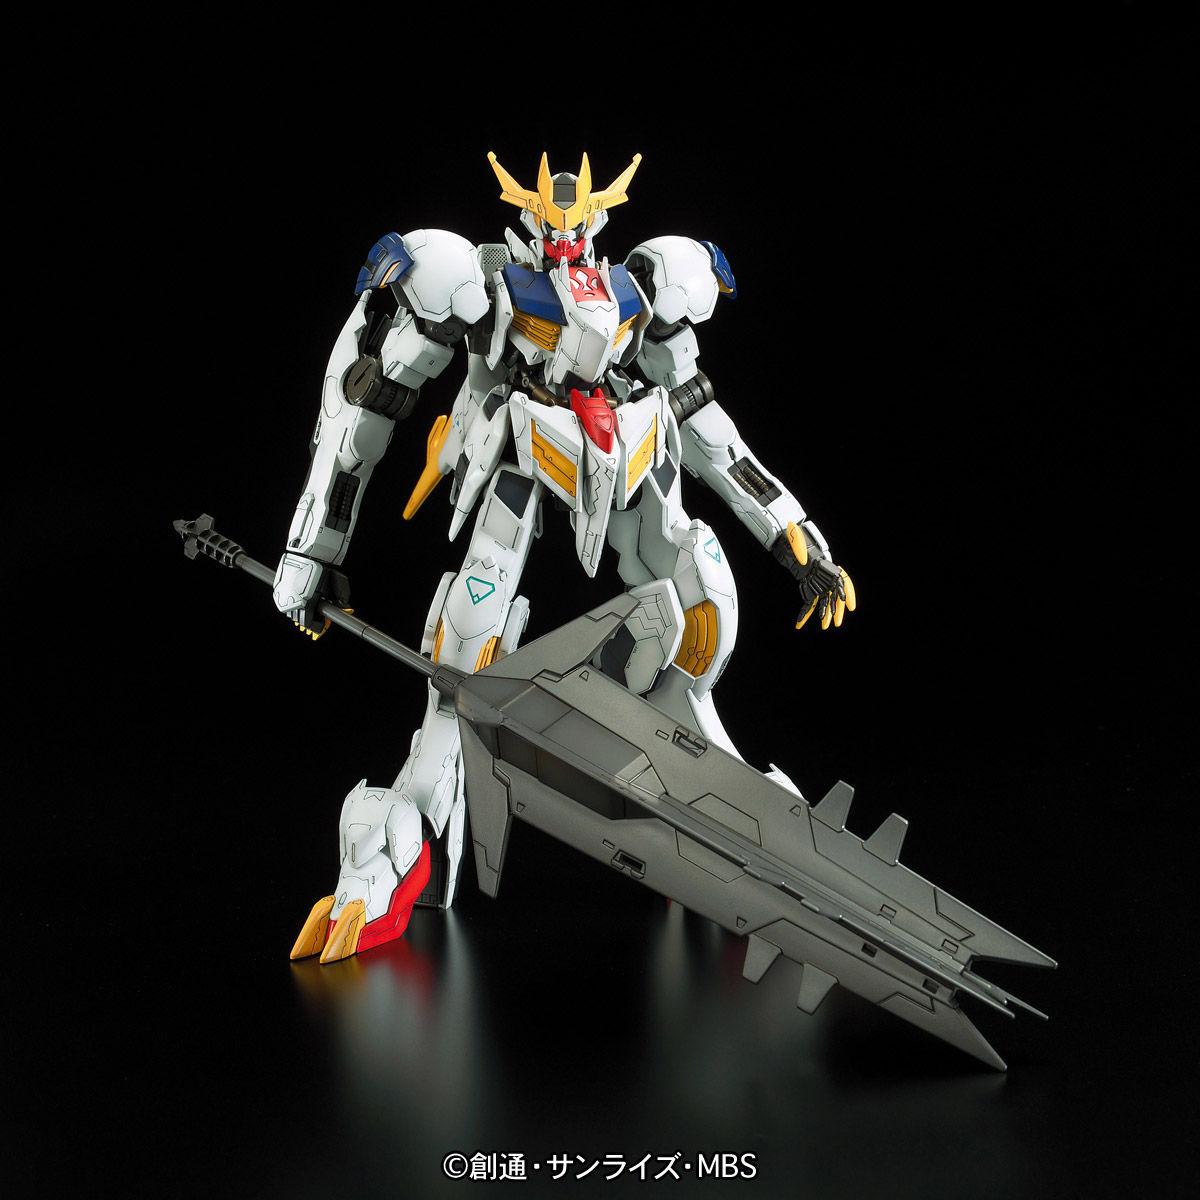 61011フルメカニクス 1/100 ASW-G-08 ガンダムバルバトスルプスレクス [Gundam Barbatos Lupus Rex] 0212964 5056827